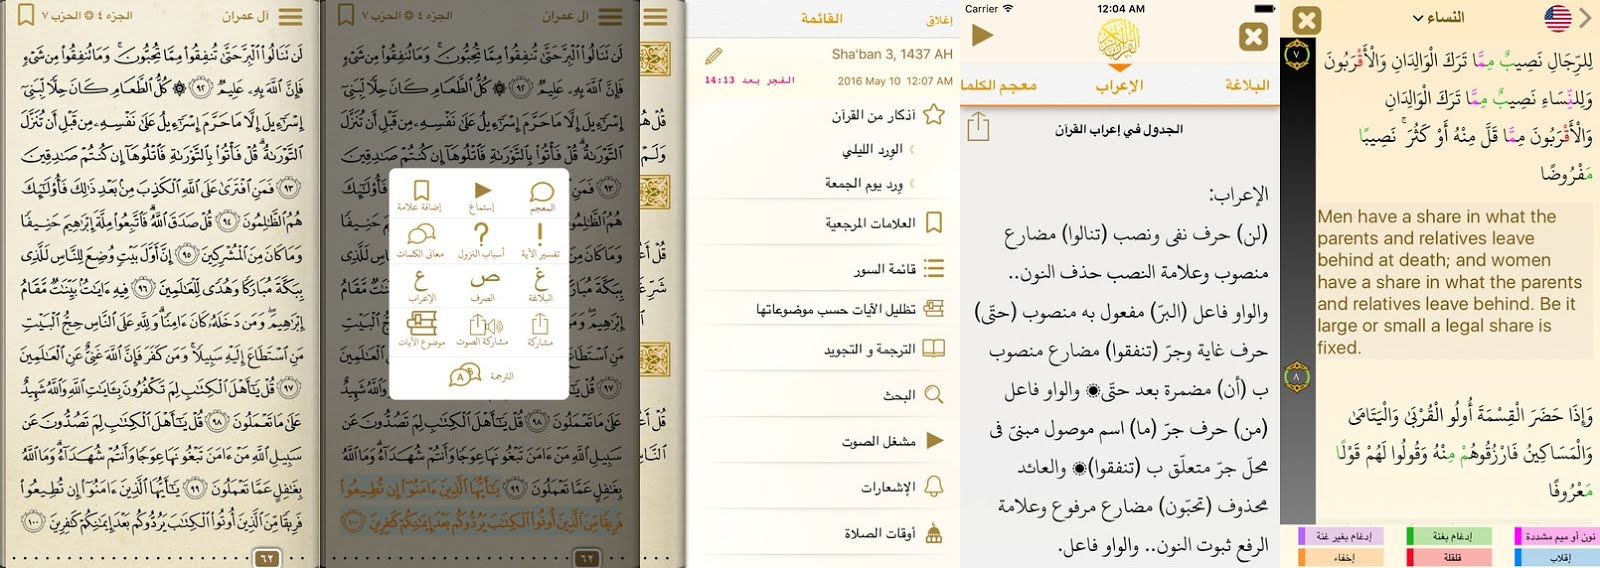 افضل 3 تطبيقات لقراءة القرآن الكريم على الايفون والايباد